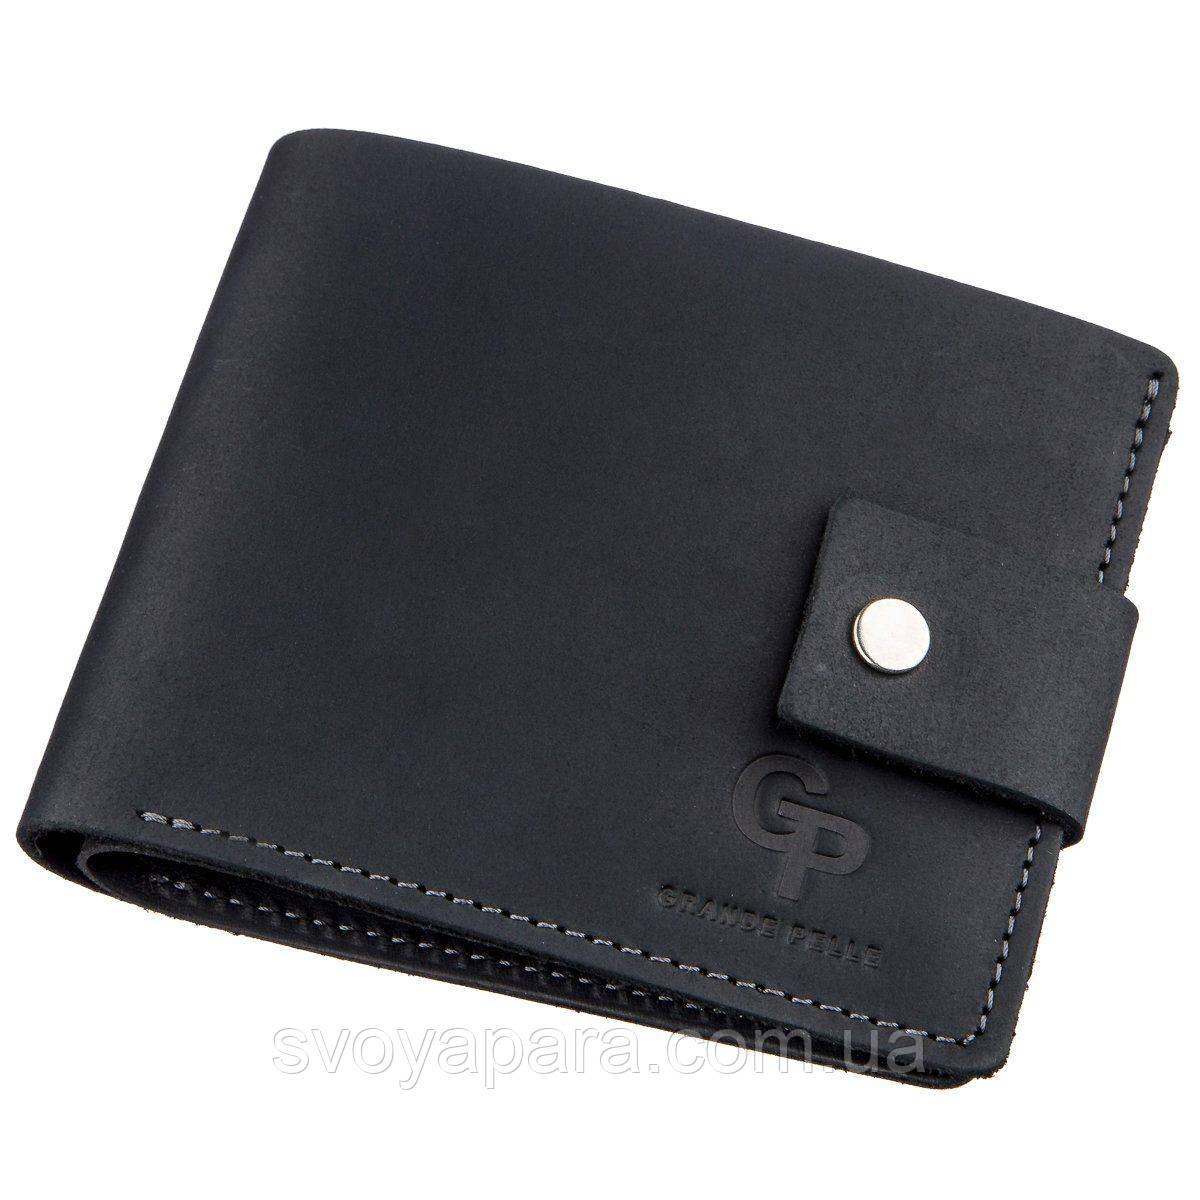 Компактное мужское портмоне в винтажном стиле GRANDE PELLE 11228 Черное